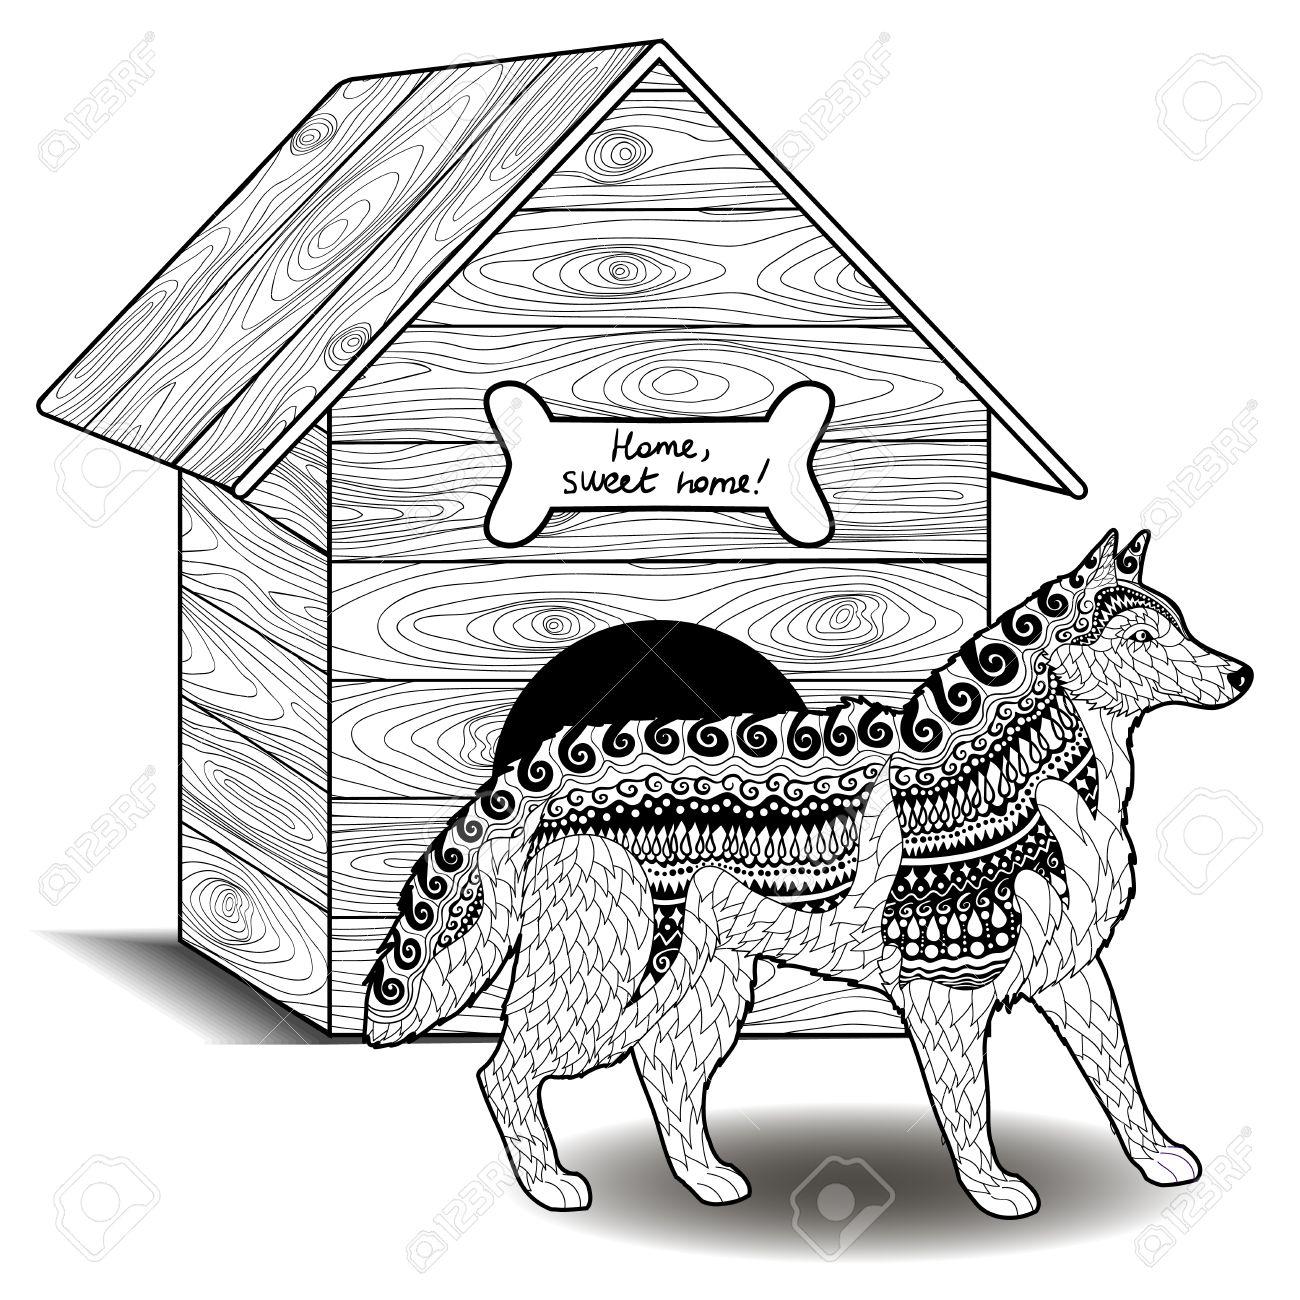 Kleurplaten Hondenhok.Alleen Kleurplaat Husky Hond Krijg Duizenden Kleurenfoto S Van De